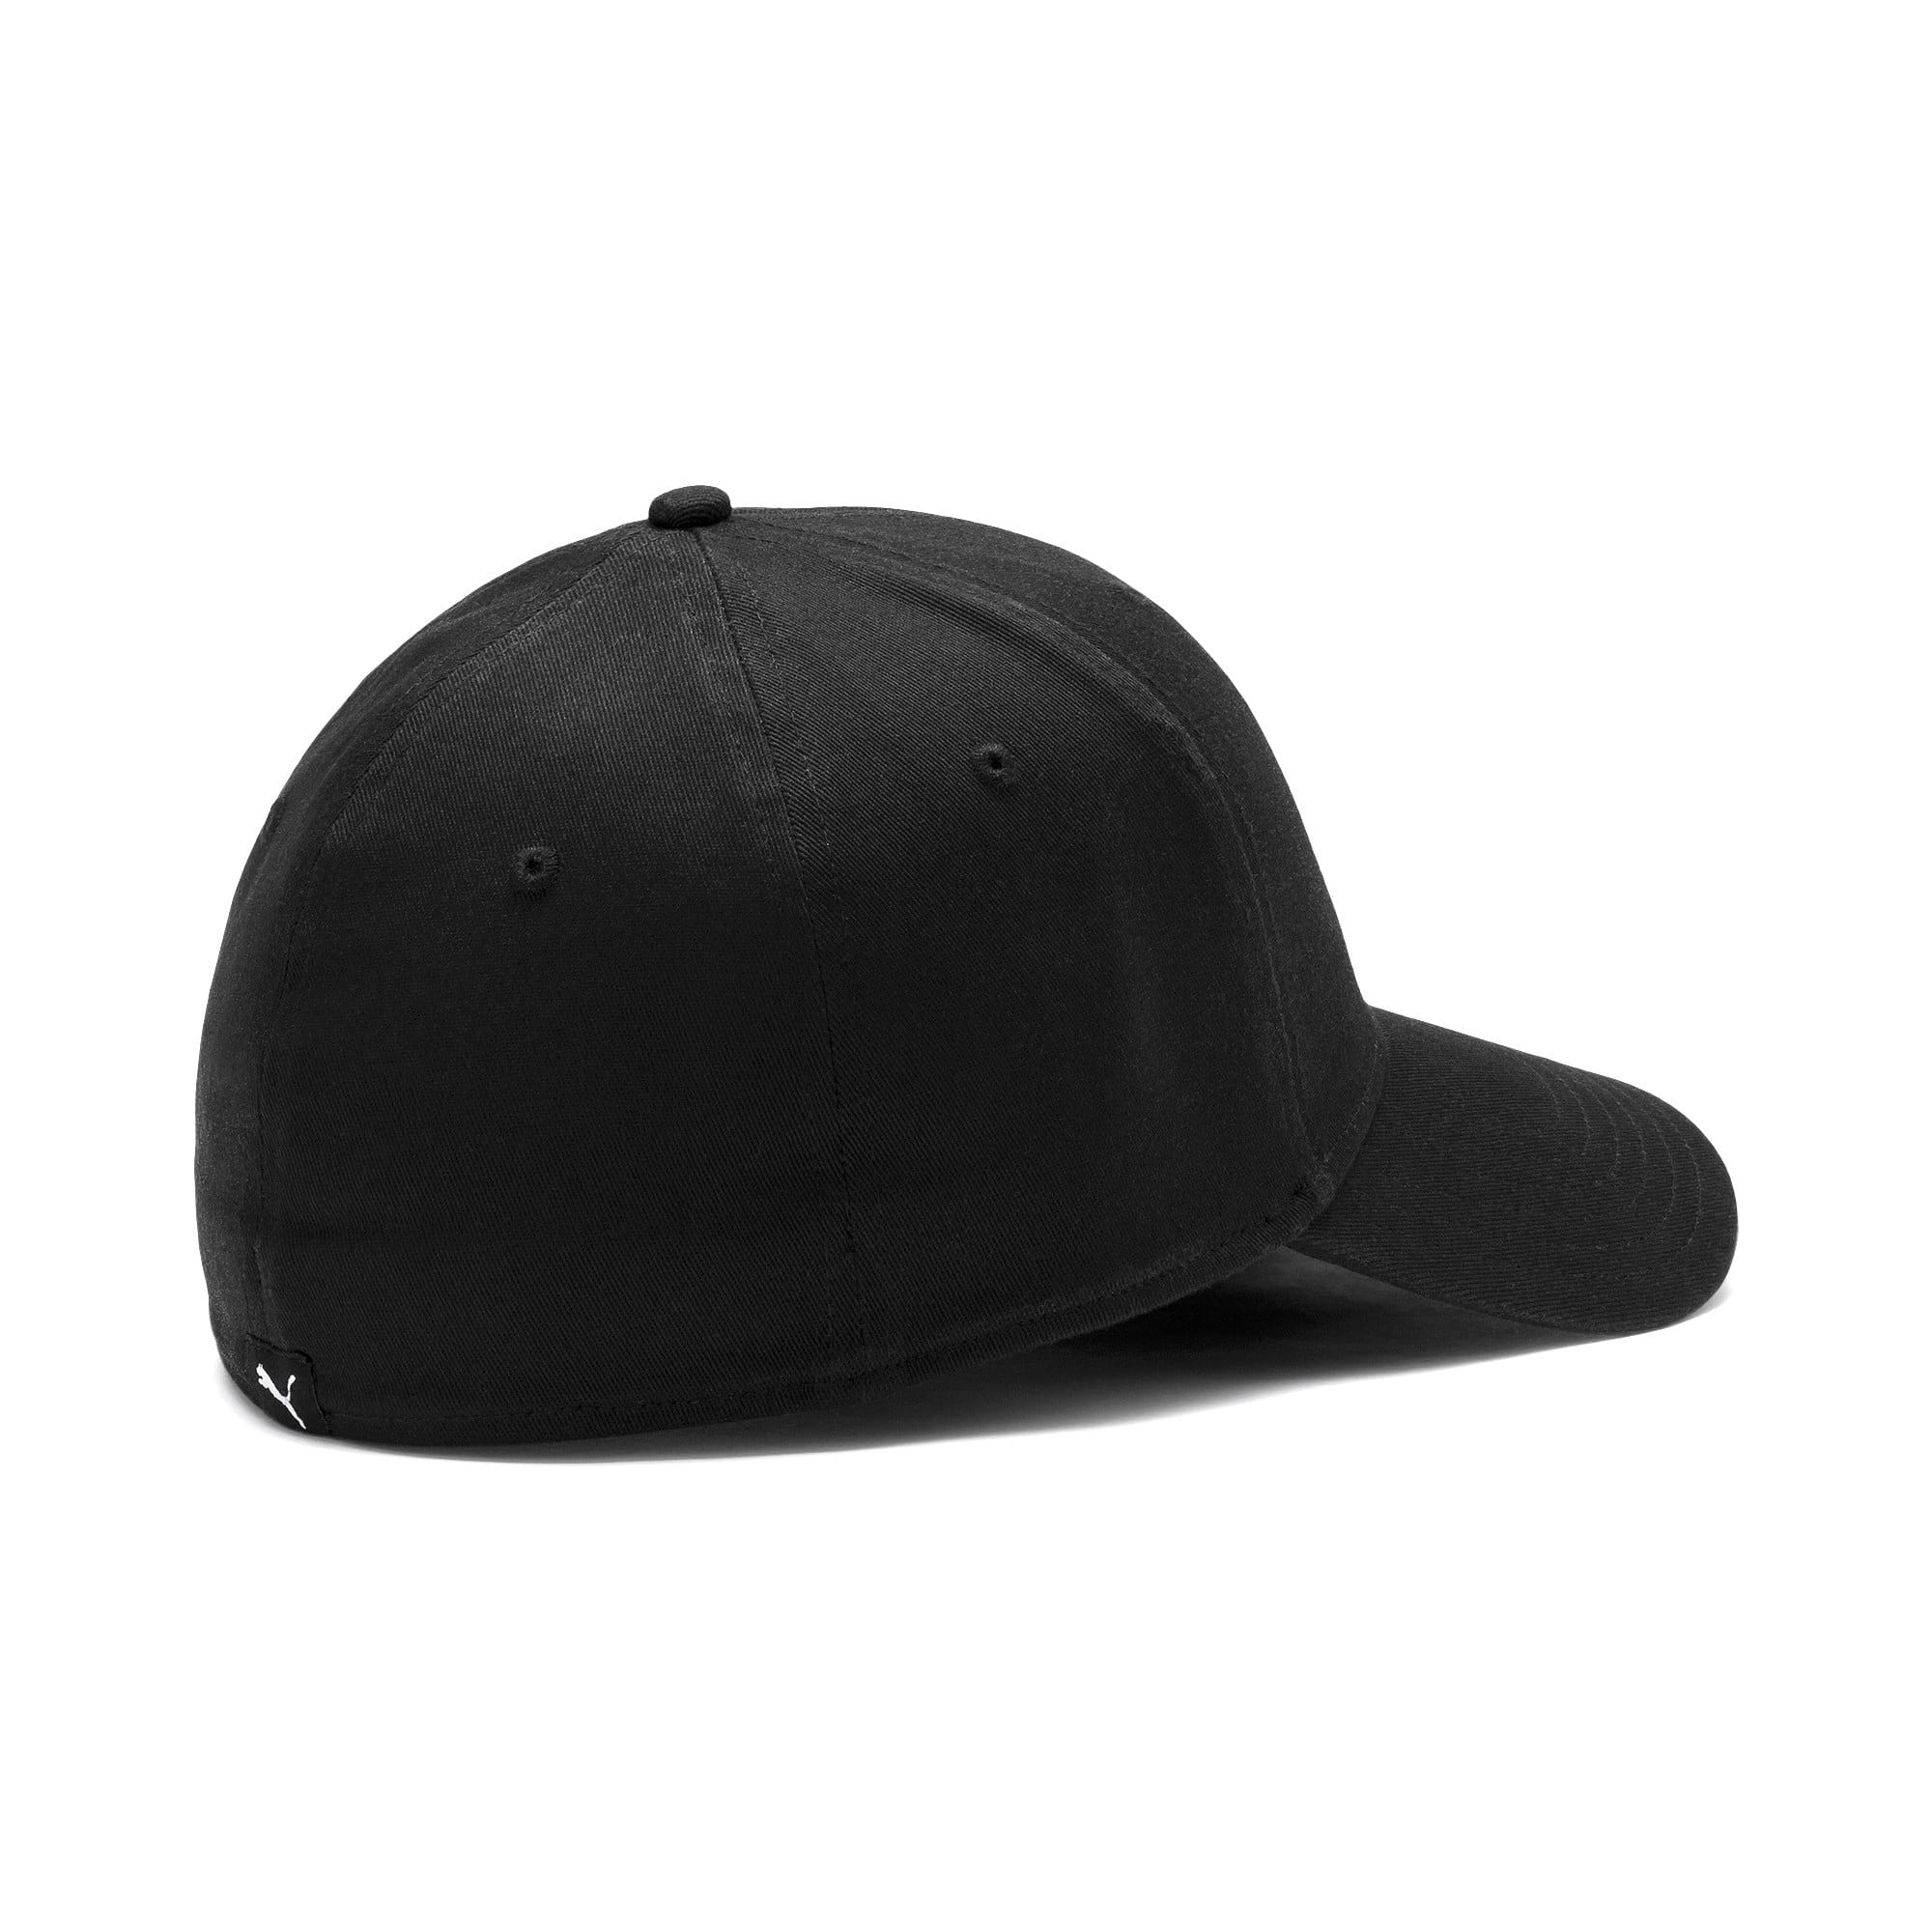 Miniatura 3 de Gorra de béisbol Stretchfit, Puma Black, mediano